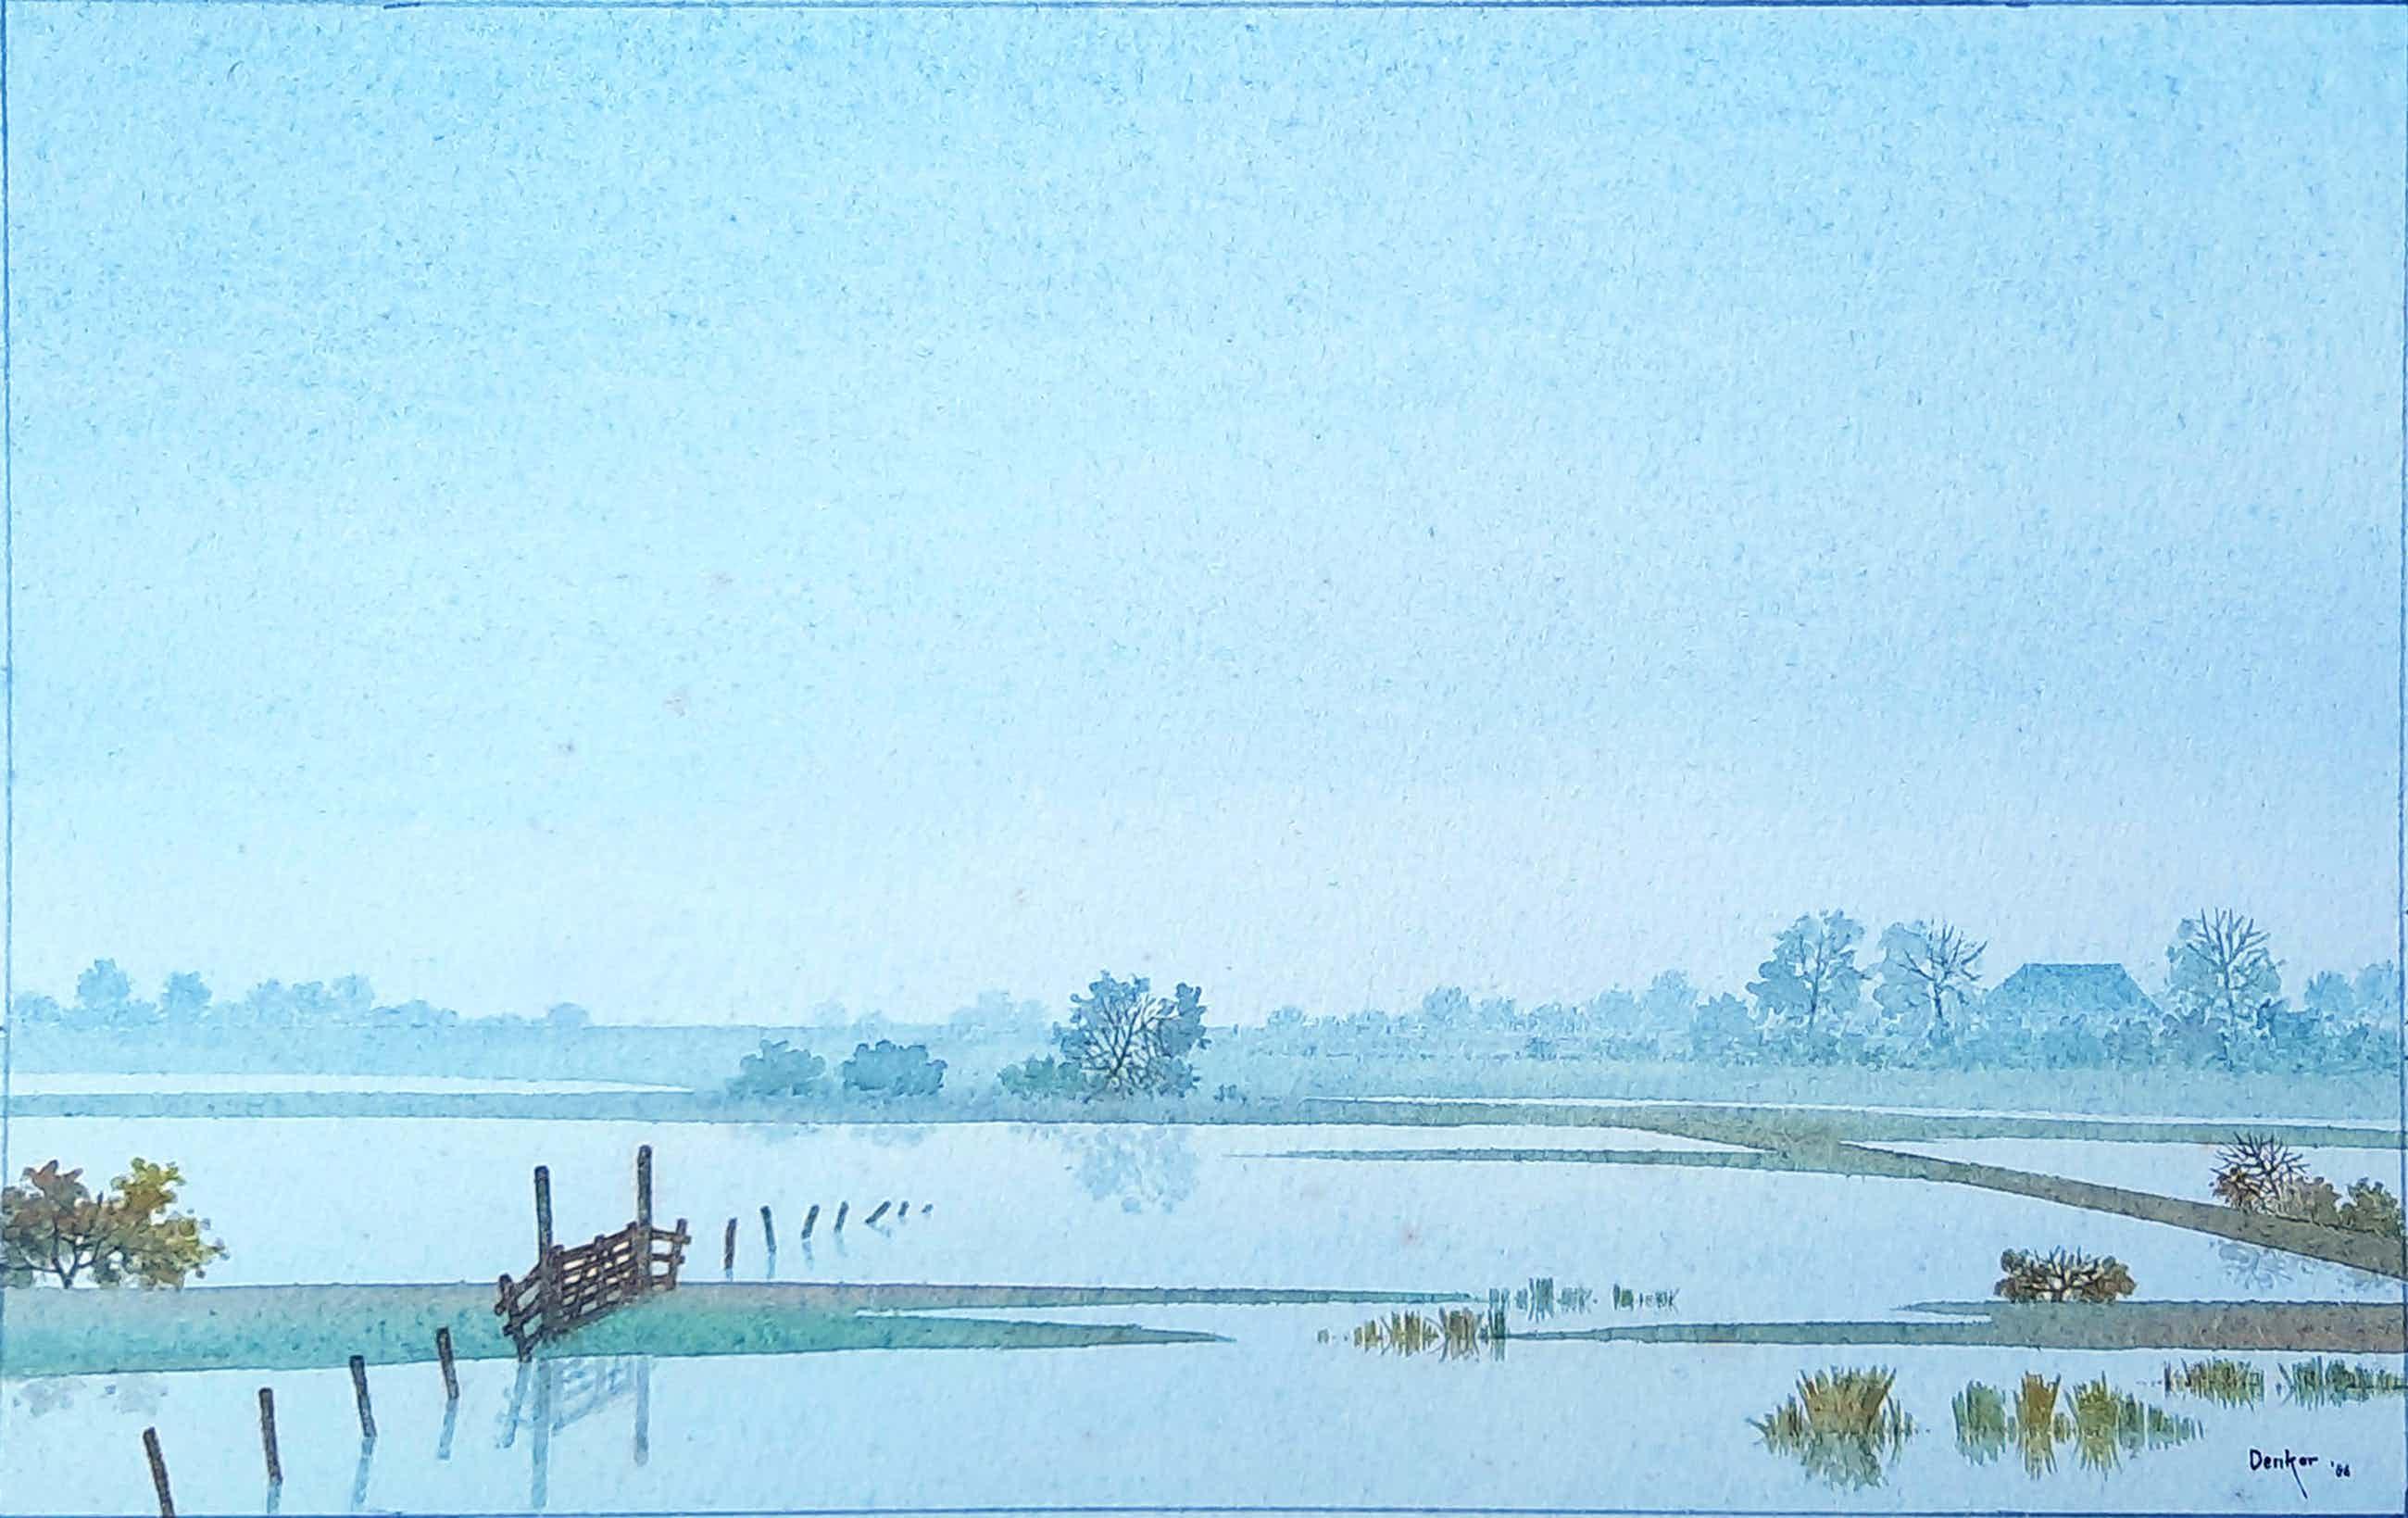 Denkor - aquarel rivierenlandschap - ingelijst - 21875 kopen? Bied vanaf 35!